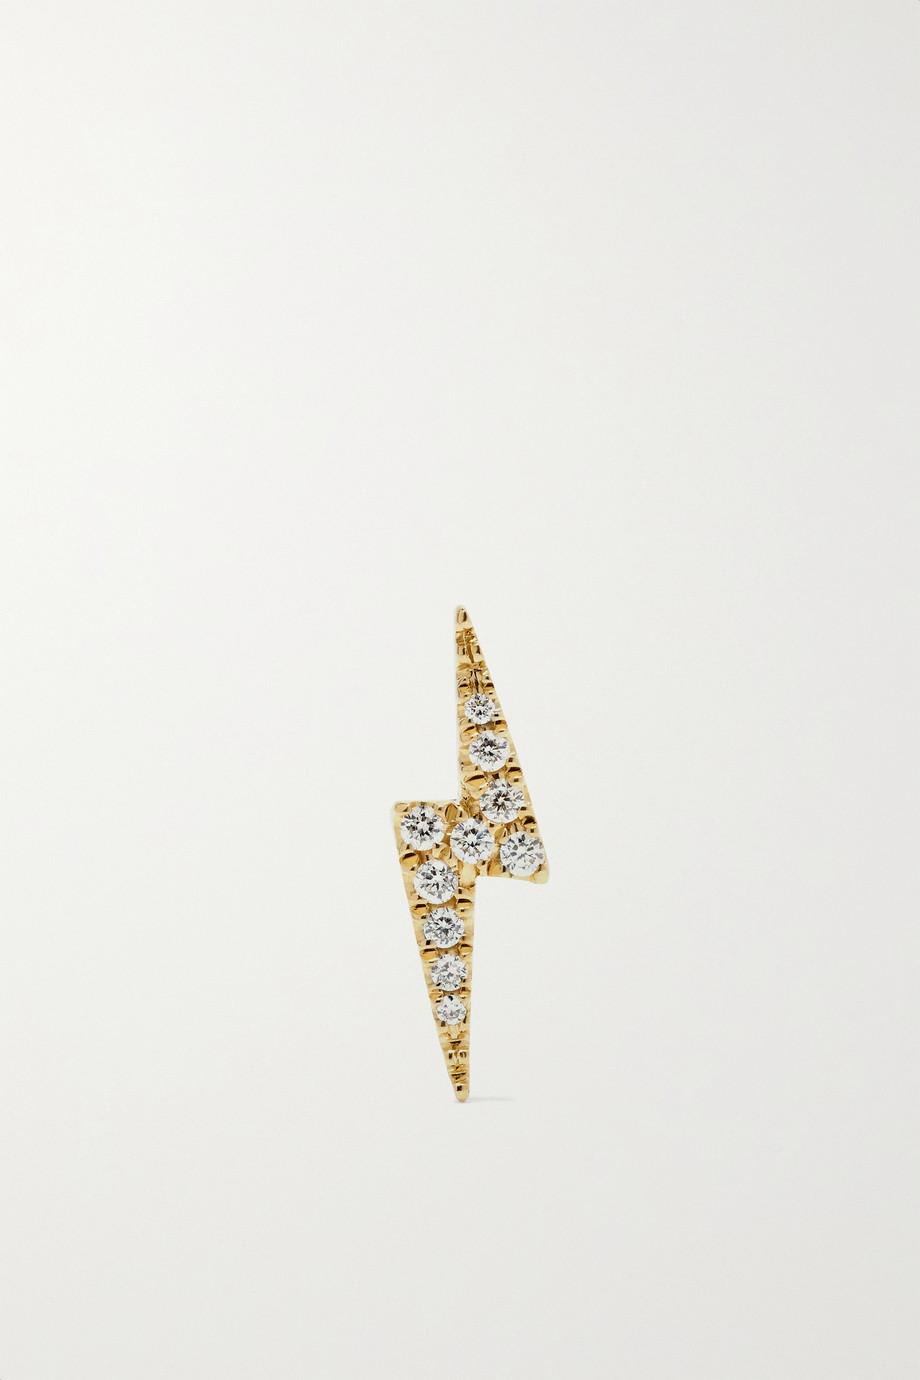 Maria Tash Boucle d'oreille en or 18 carats et diamants Lightning Bolt